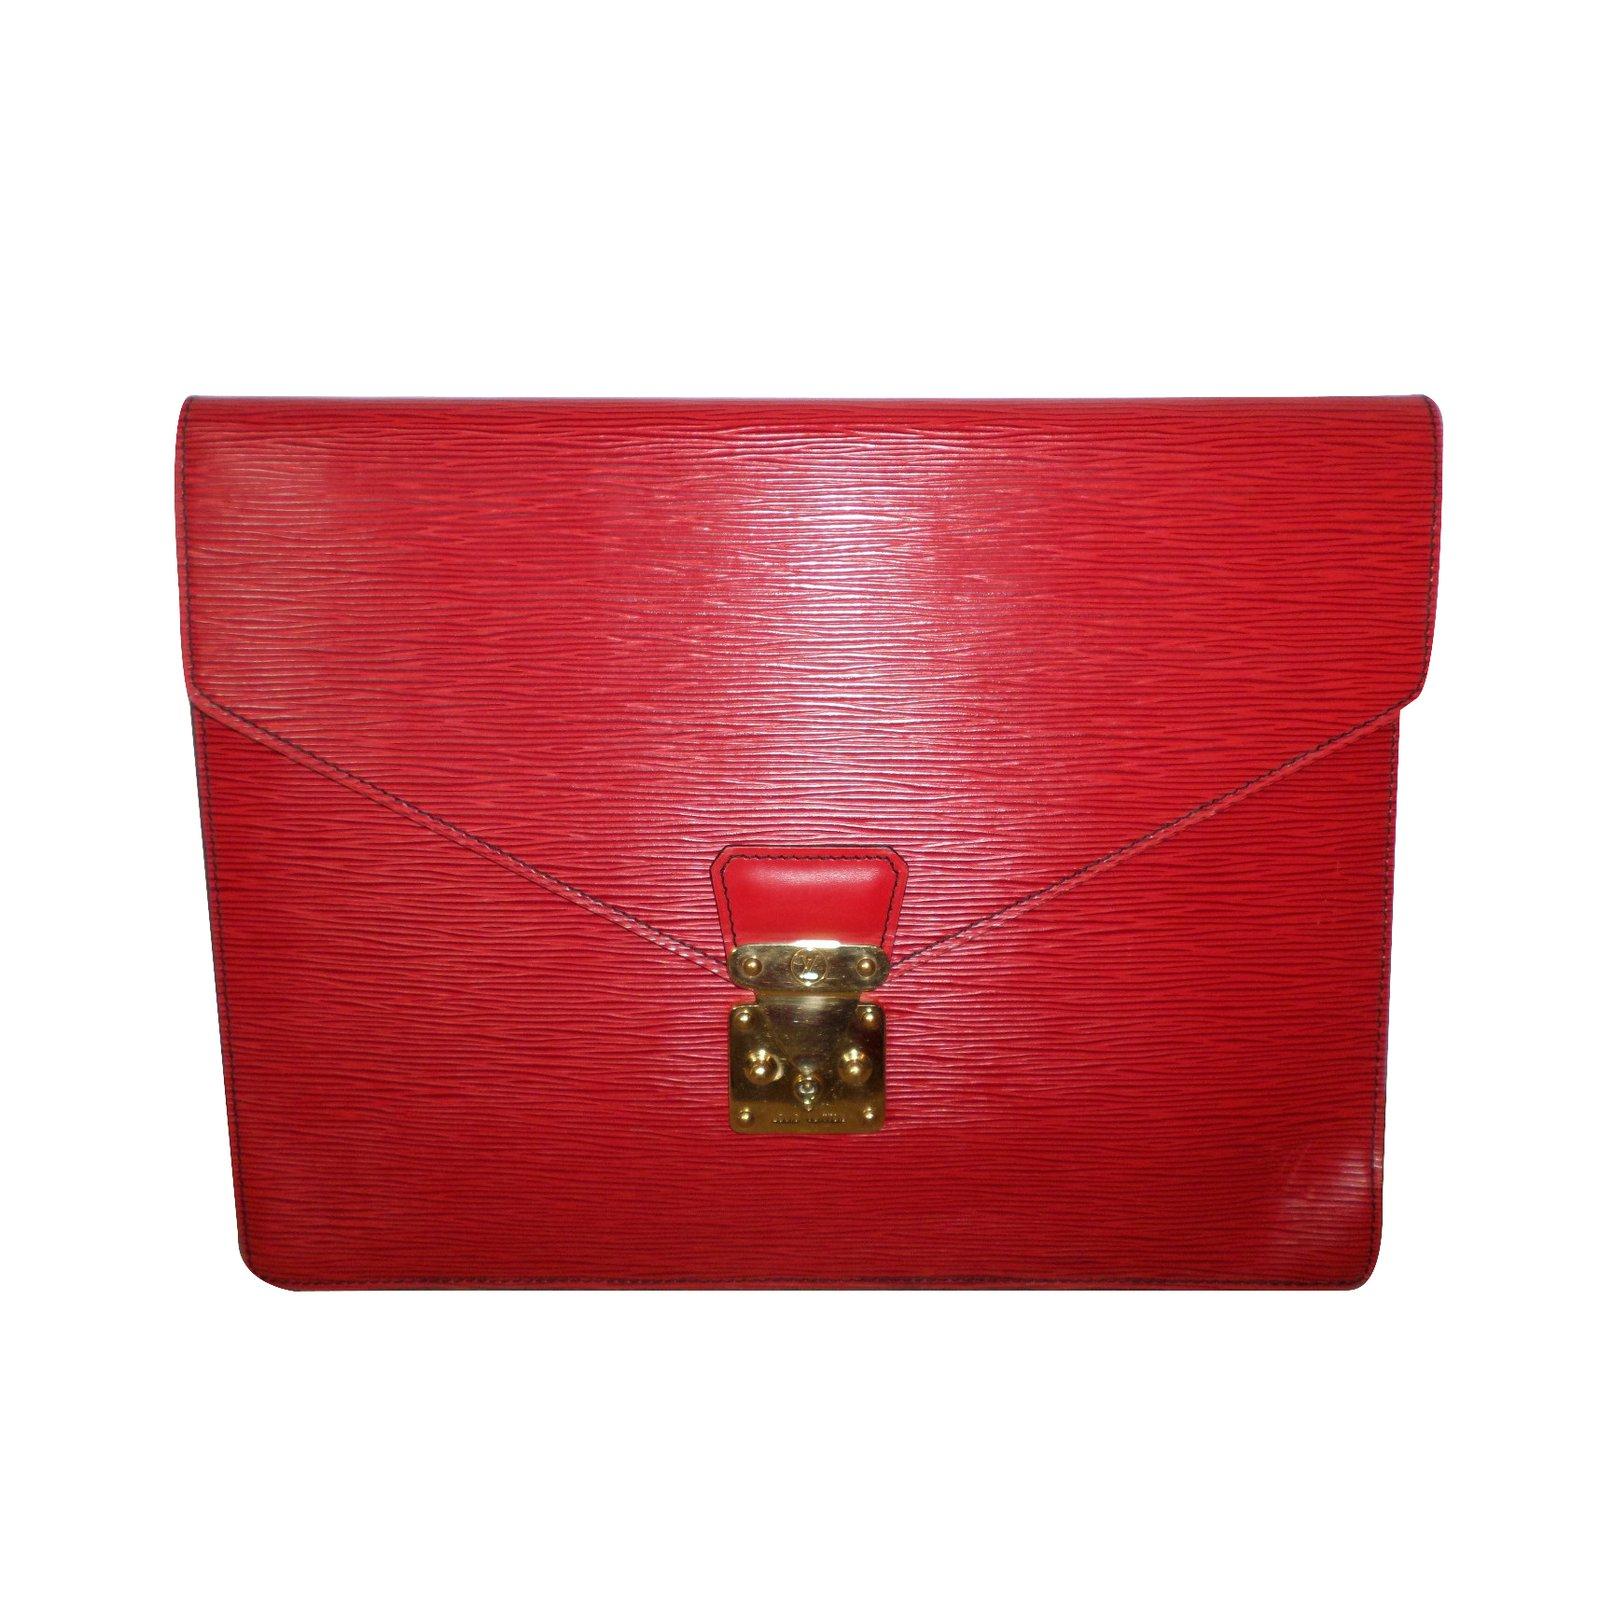 pochettes louis vuitton pochette cuir rouge joli closet. Black Bedroom Furniture Sets. Home Design Ideas